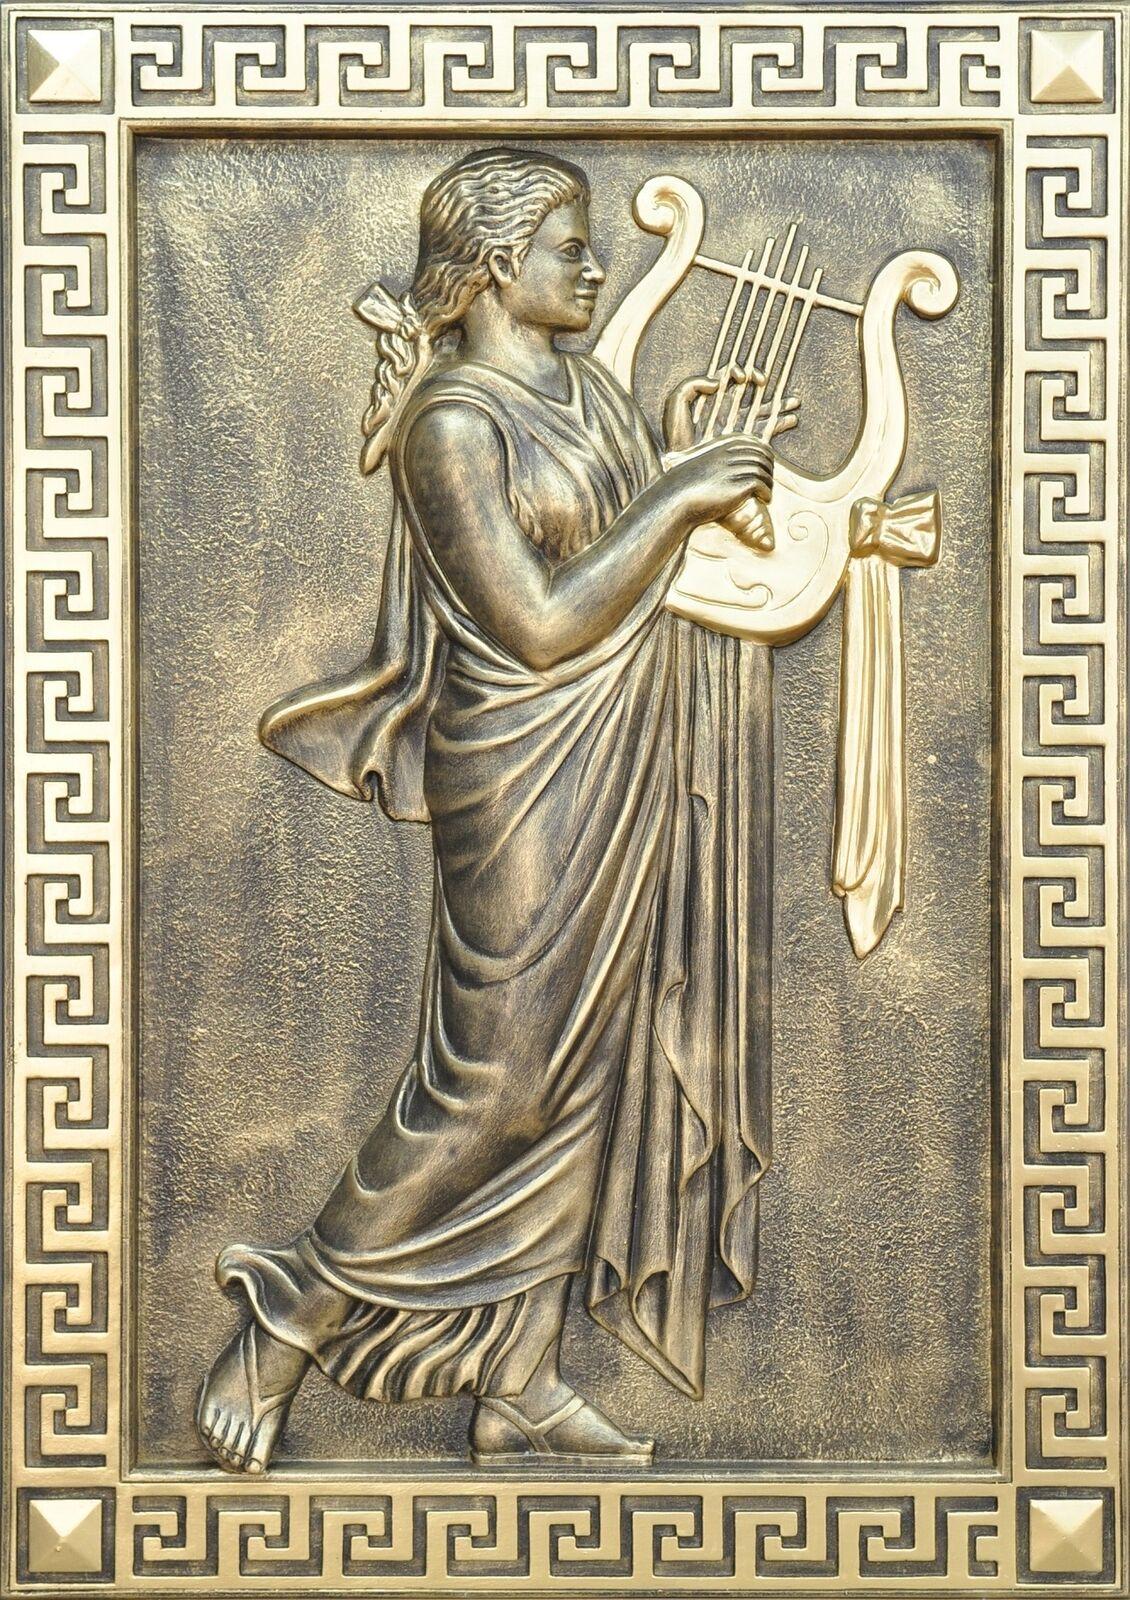 Musique Murale Antique Style Relief Mur Peinture antique à à à la main DIEU image NEUF 6700b9